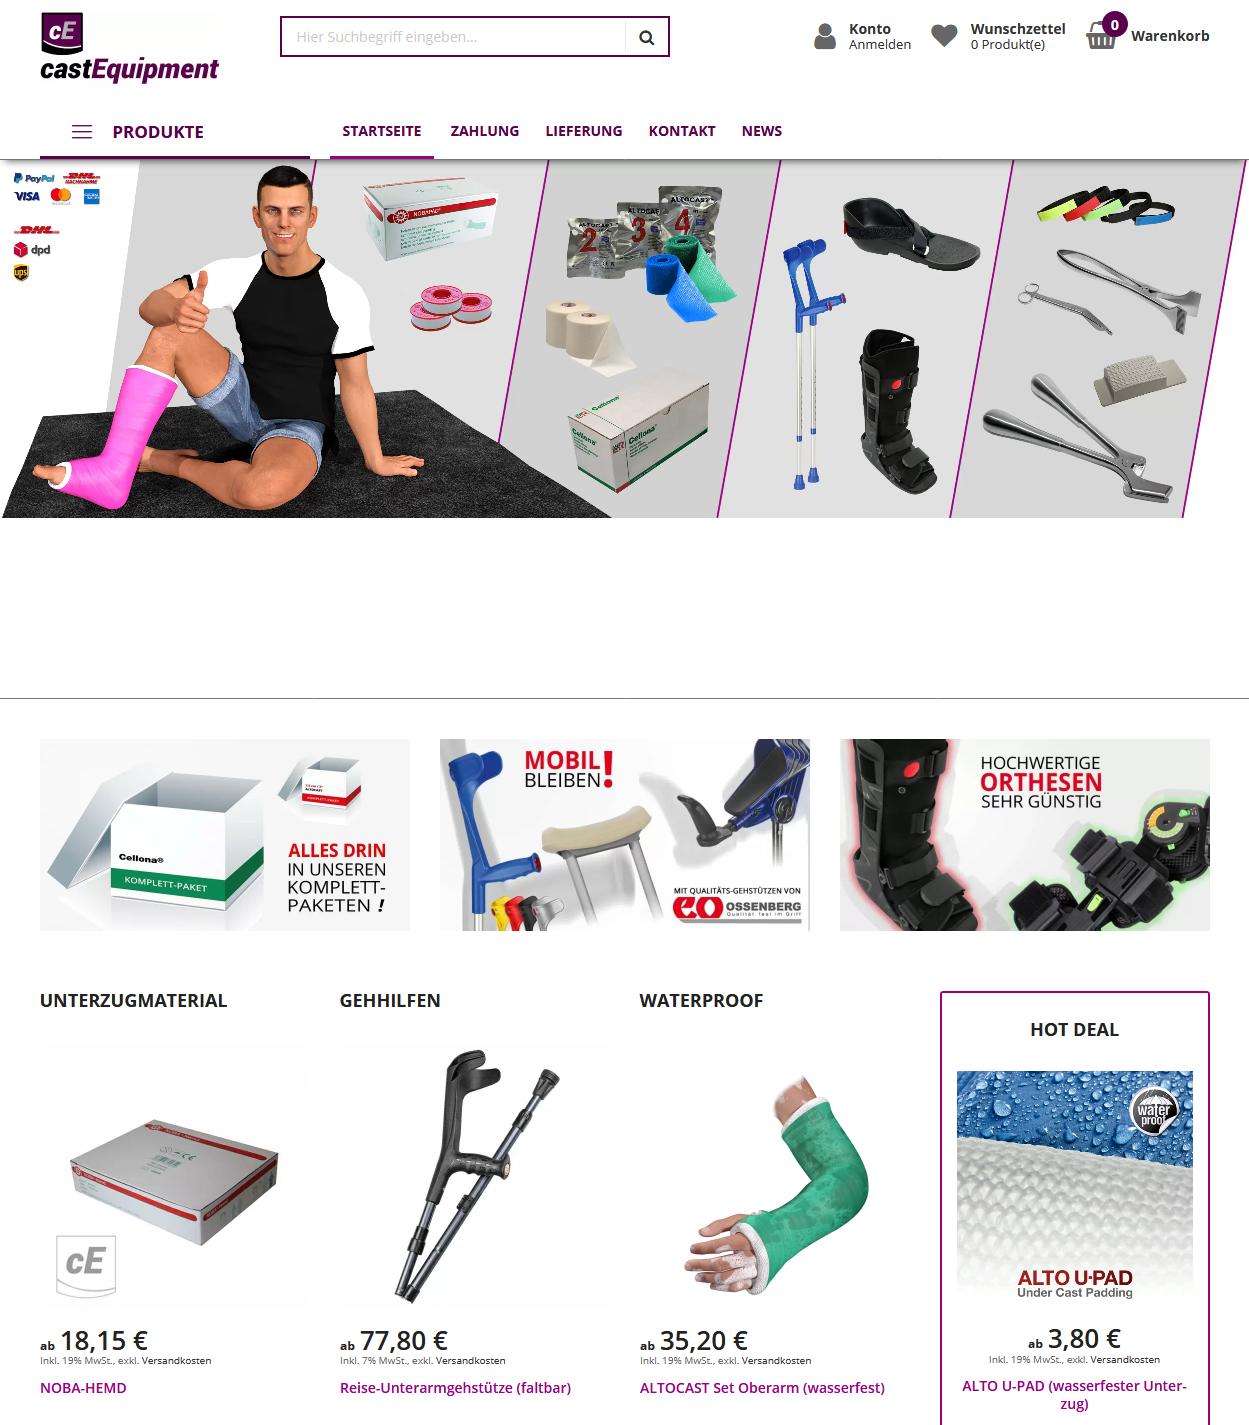 castEquipment.de